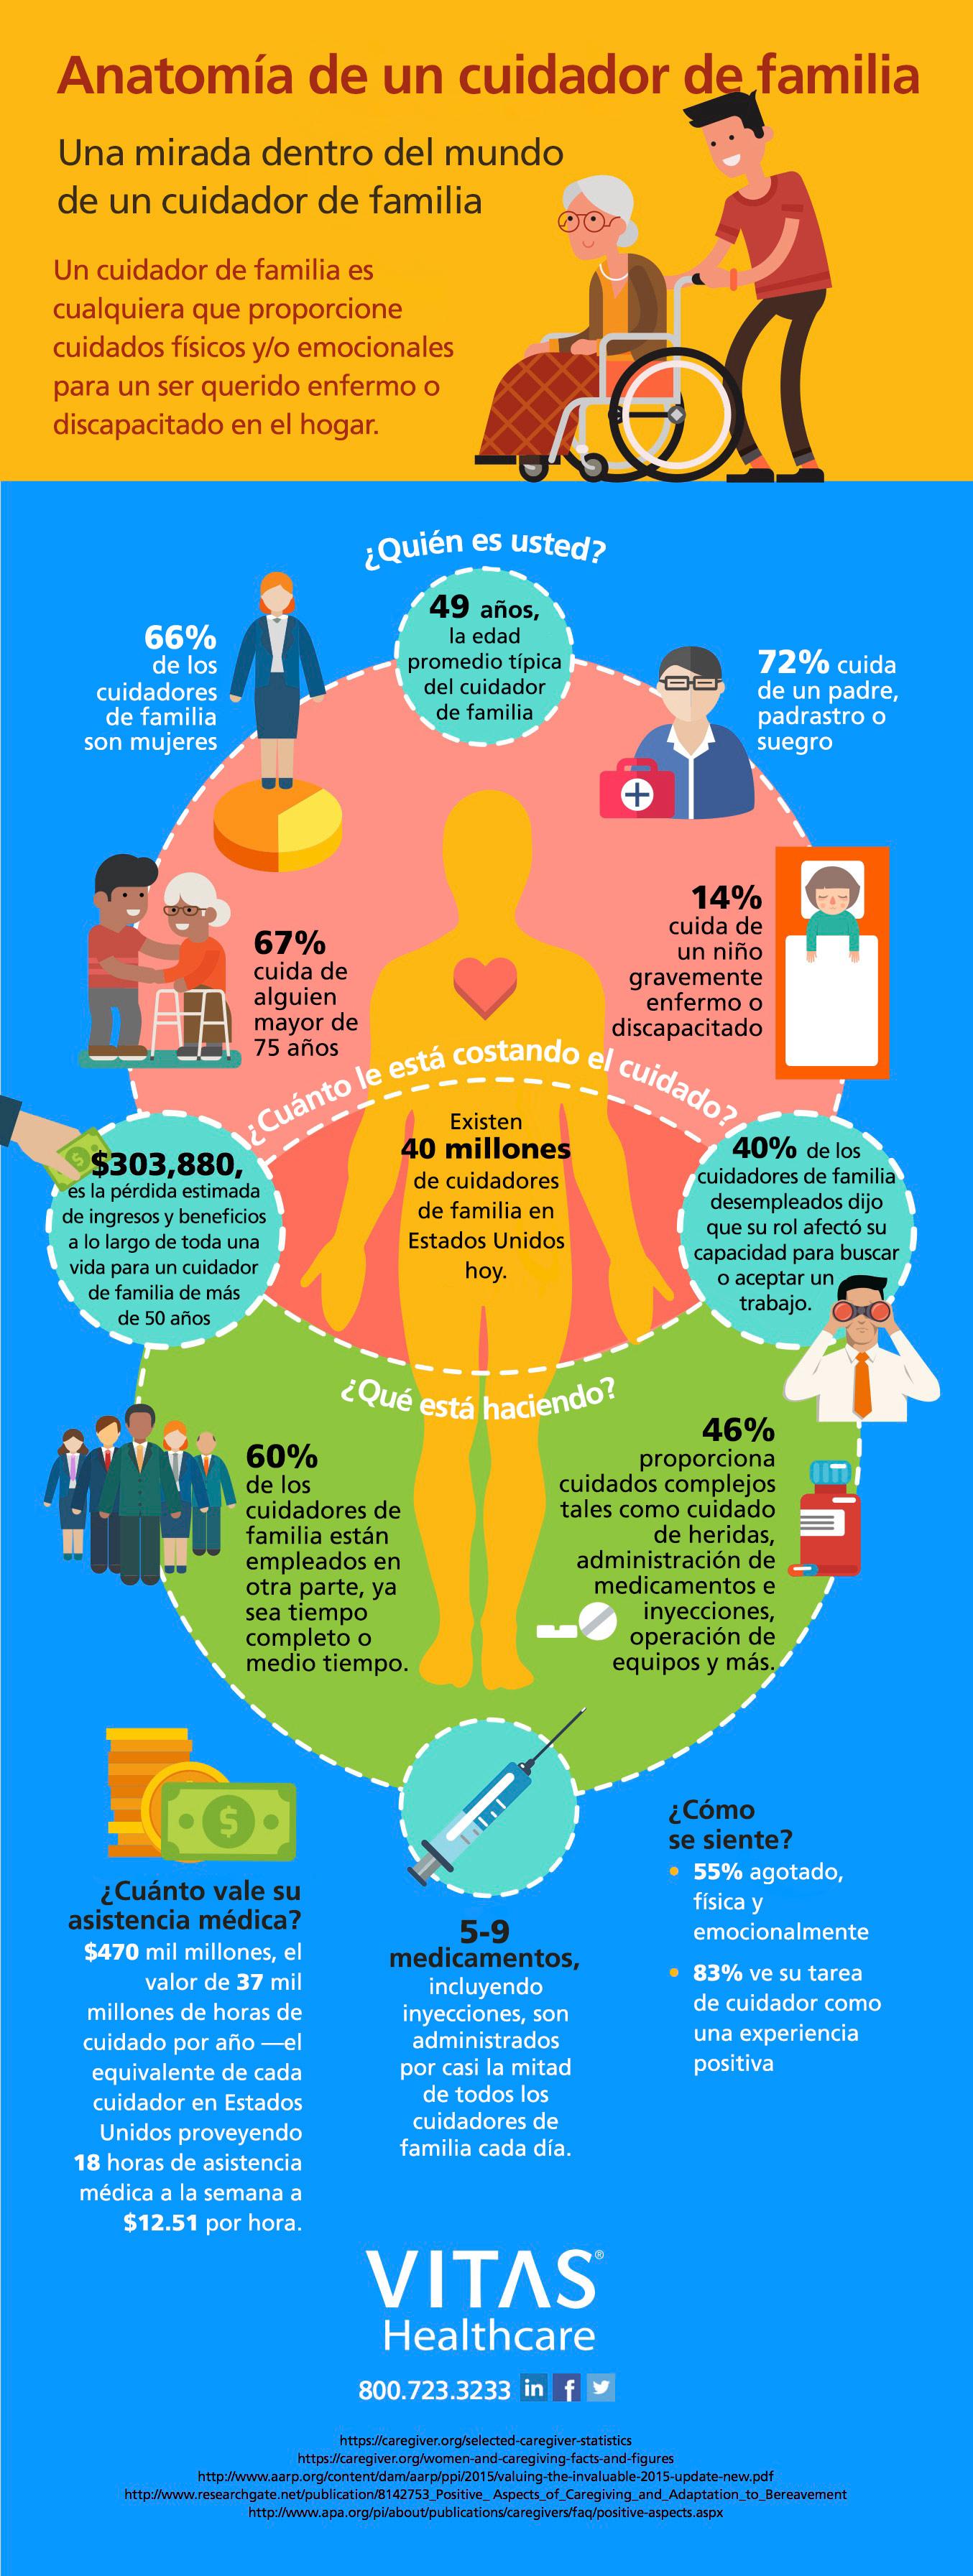 Datos y cifras sobre cuidadores